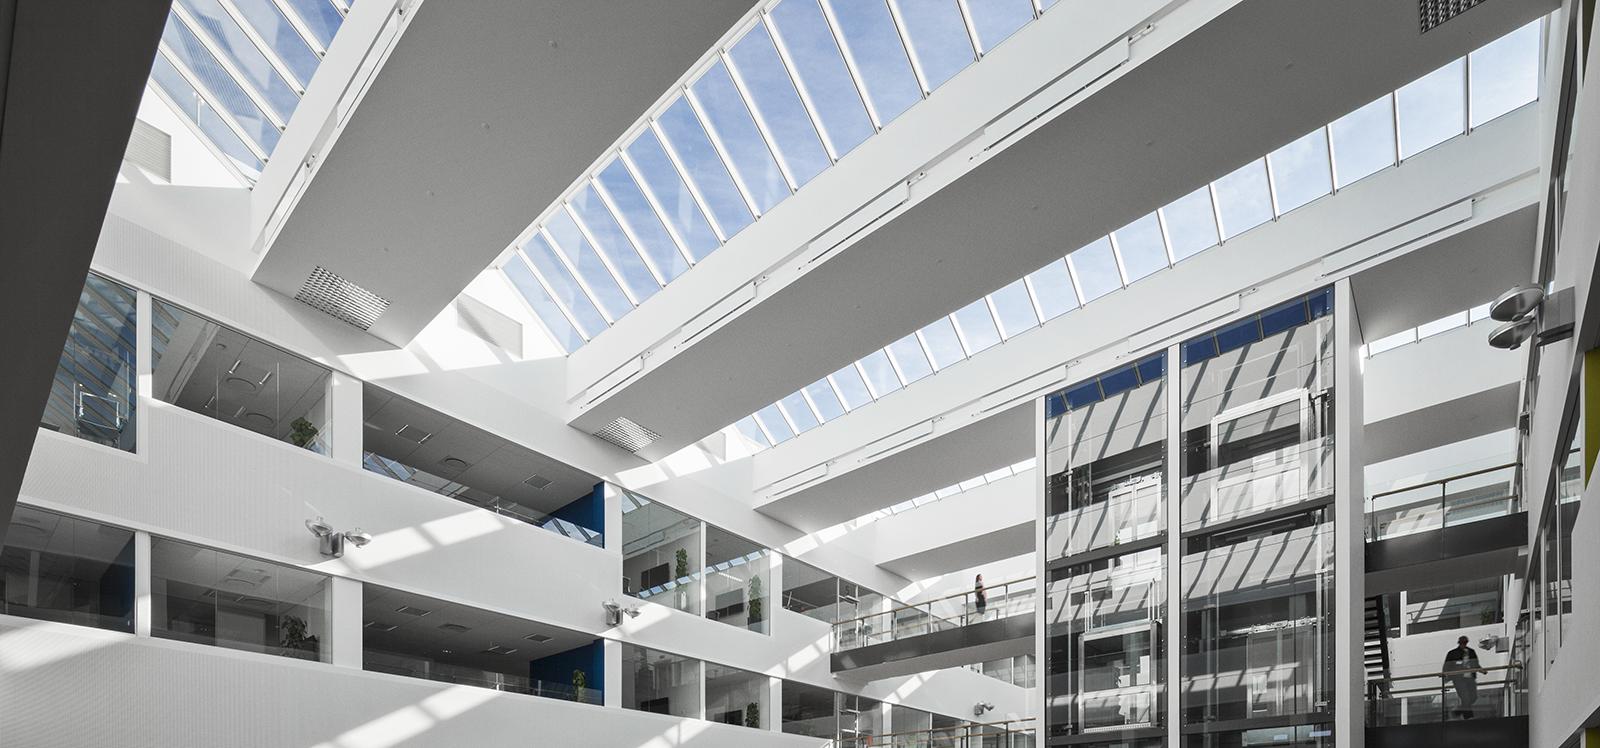 VELUX modulare Dachverglasungslösung, das das Sonnenlicht hereinlässt